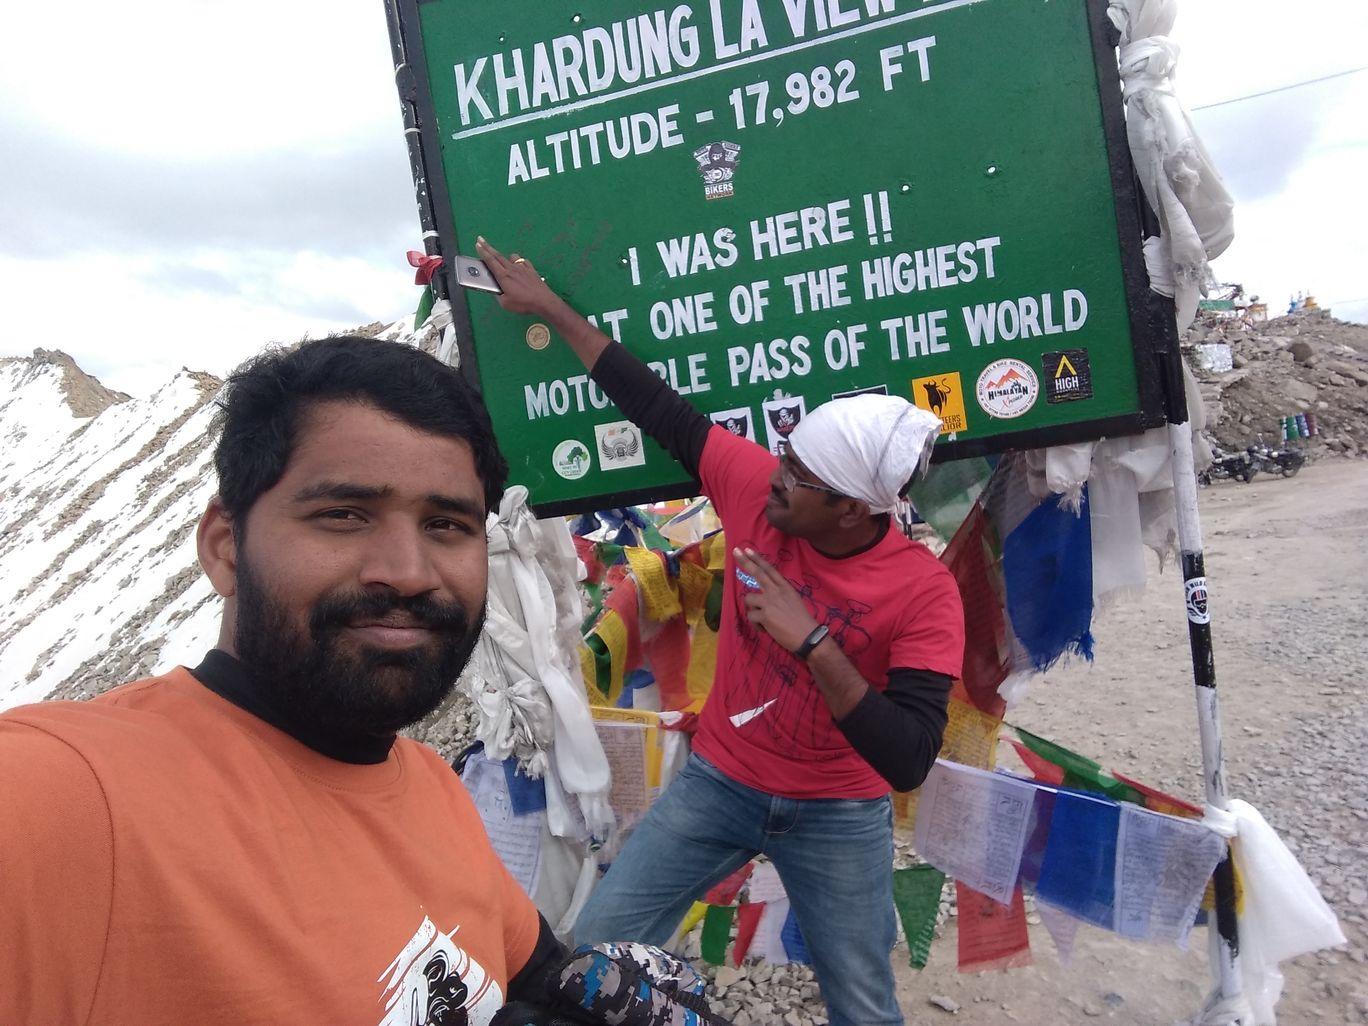 Photo of Khardung La By Shivacharan